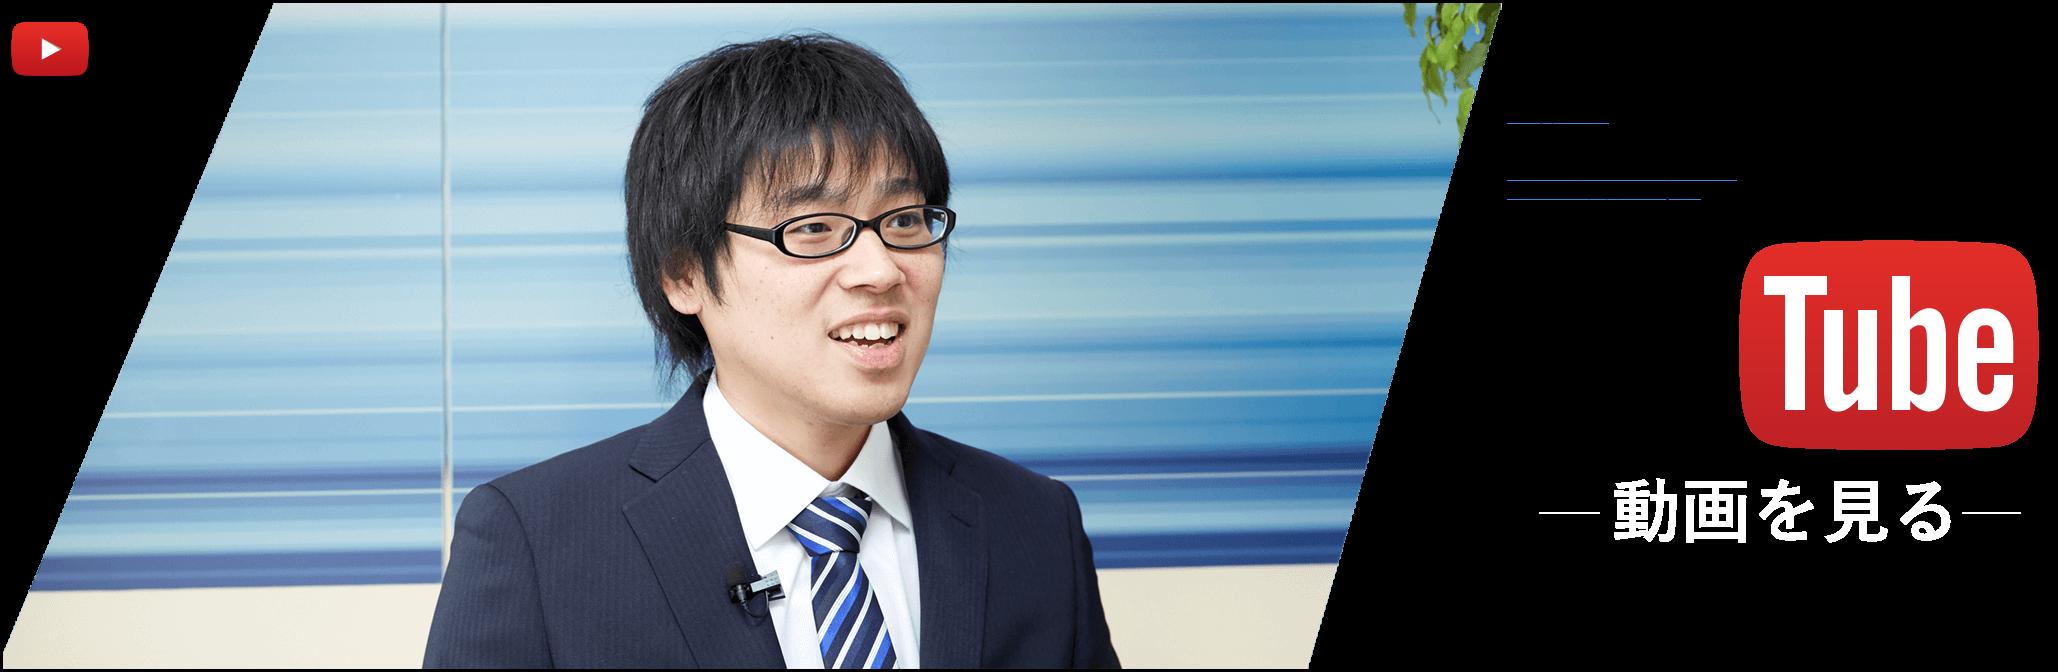 岩田貴之 33歳    宇宙関連機器の太陽電池パネル。 関連部品の実装設計を担当